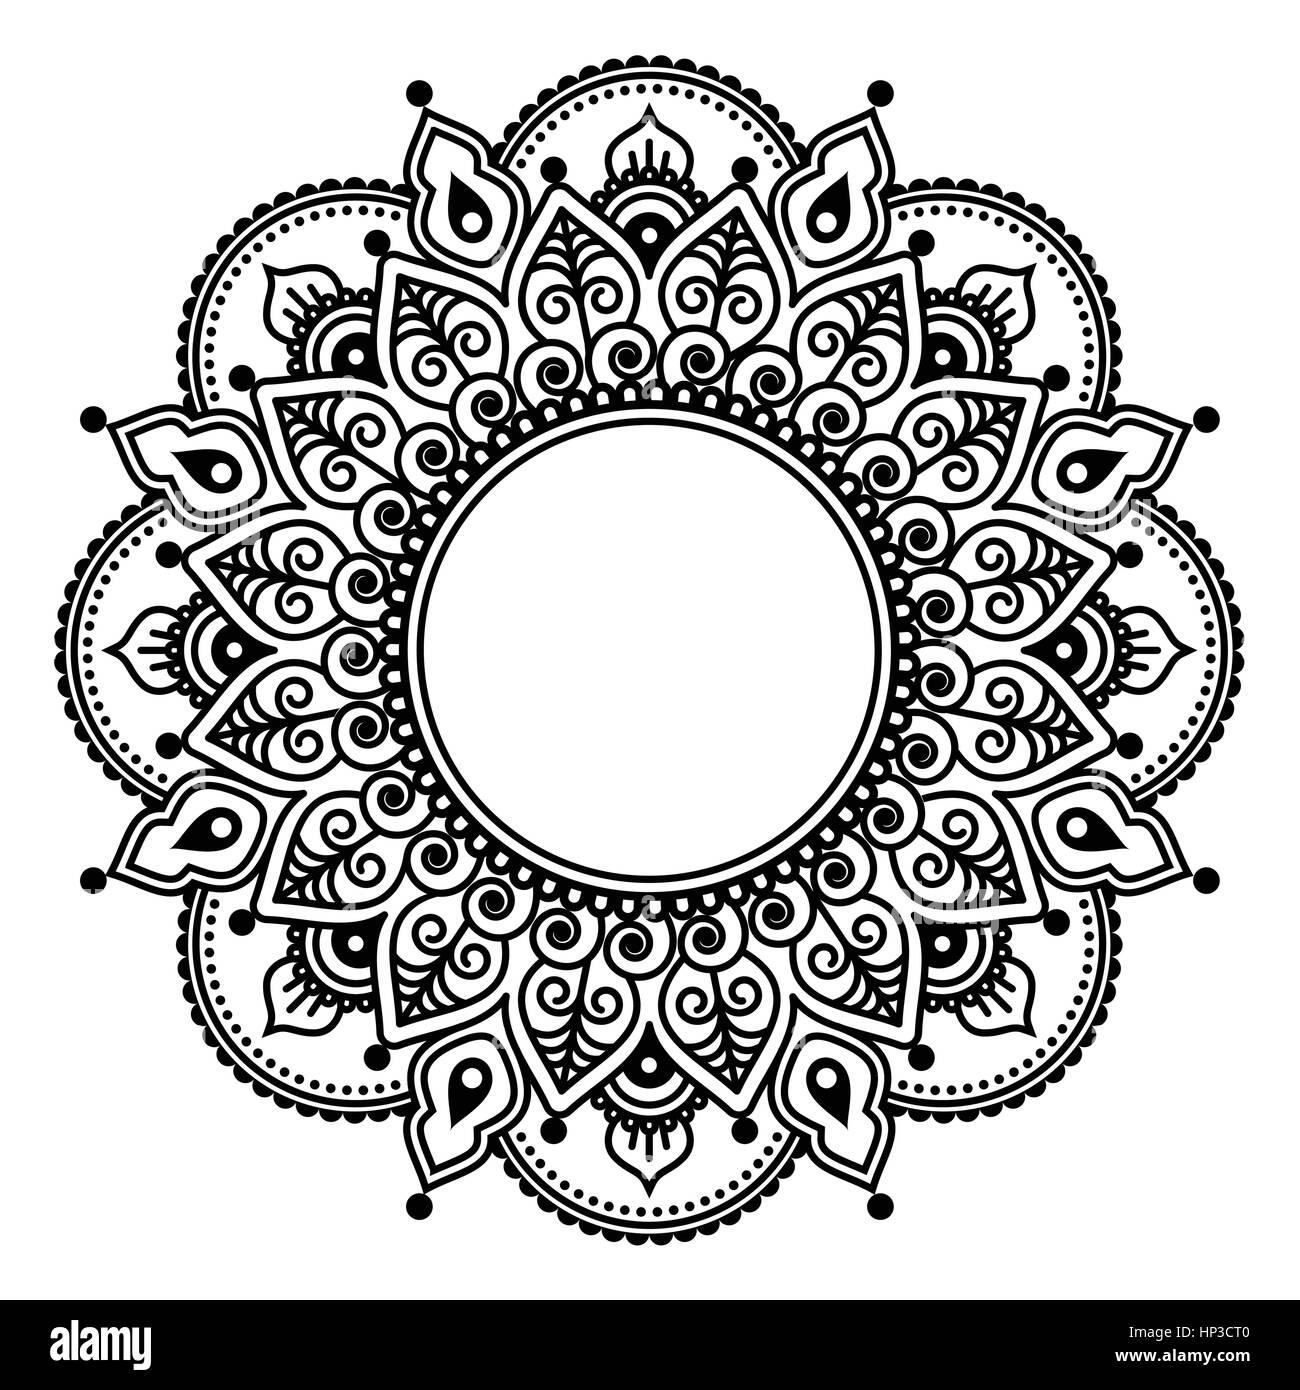 mehndi spitze indische henna tattoo runde entwurf oder. Black Bedroom Furniture Sets. Home Design Ideas